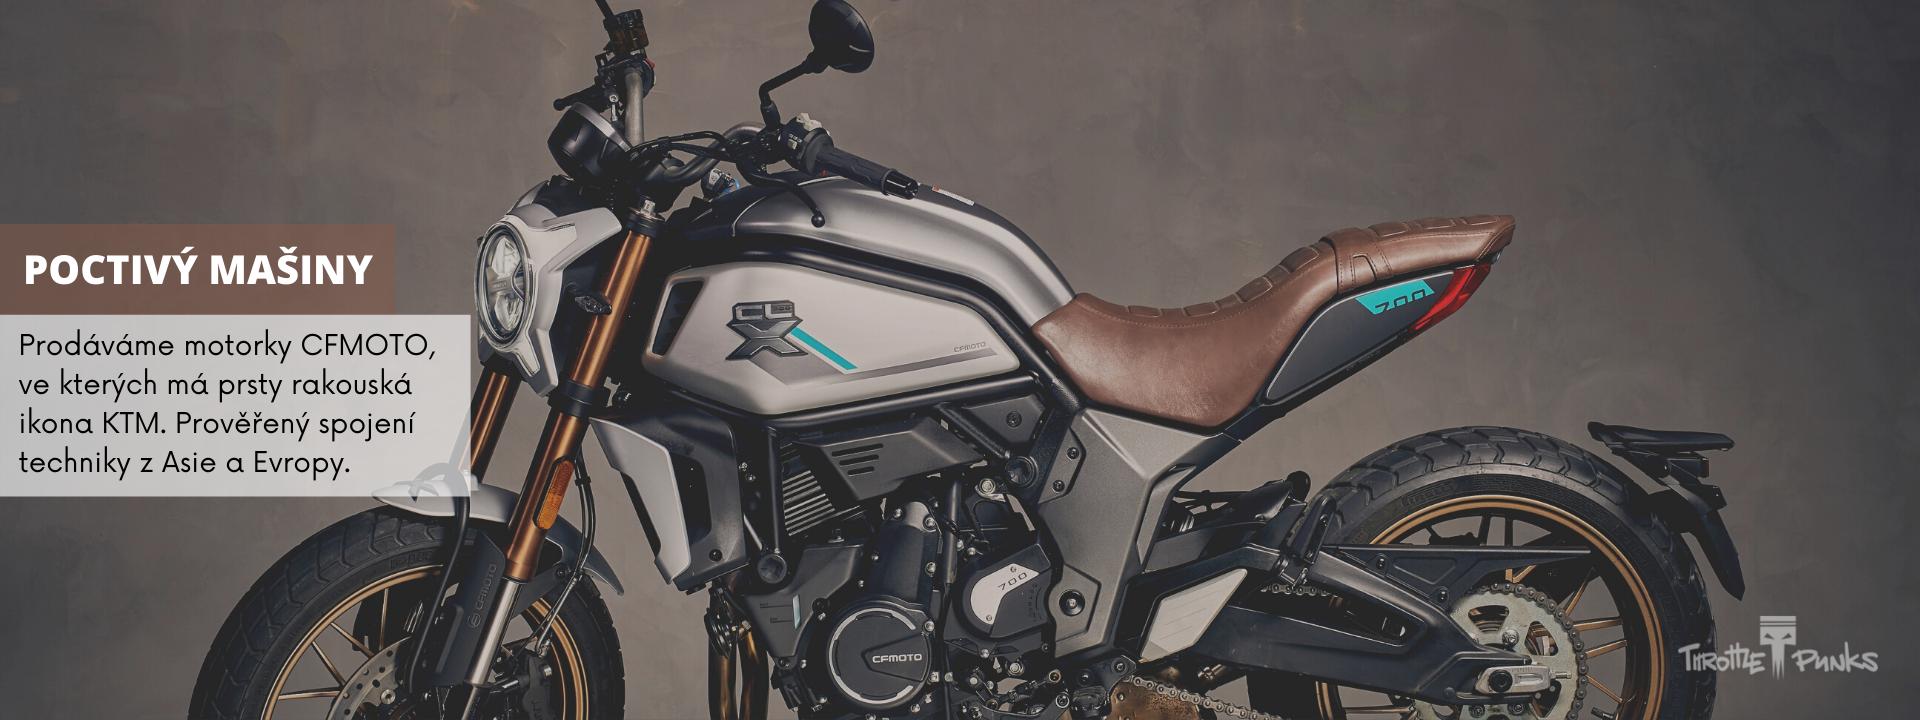 Nabídka motocyklů CFMOTO v Throttle Punks